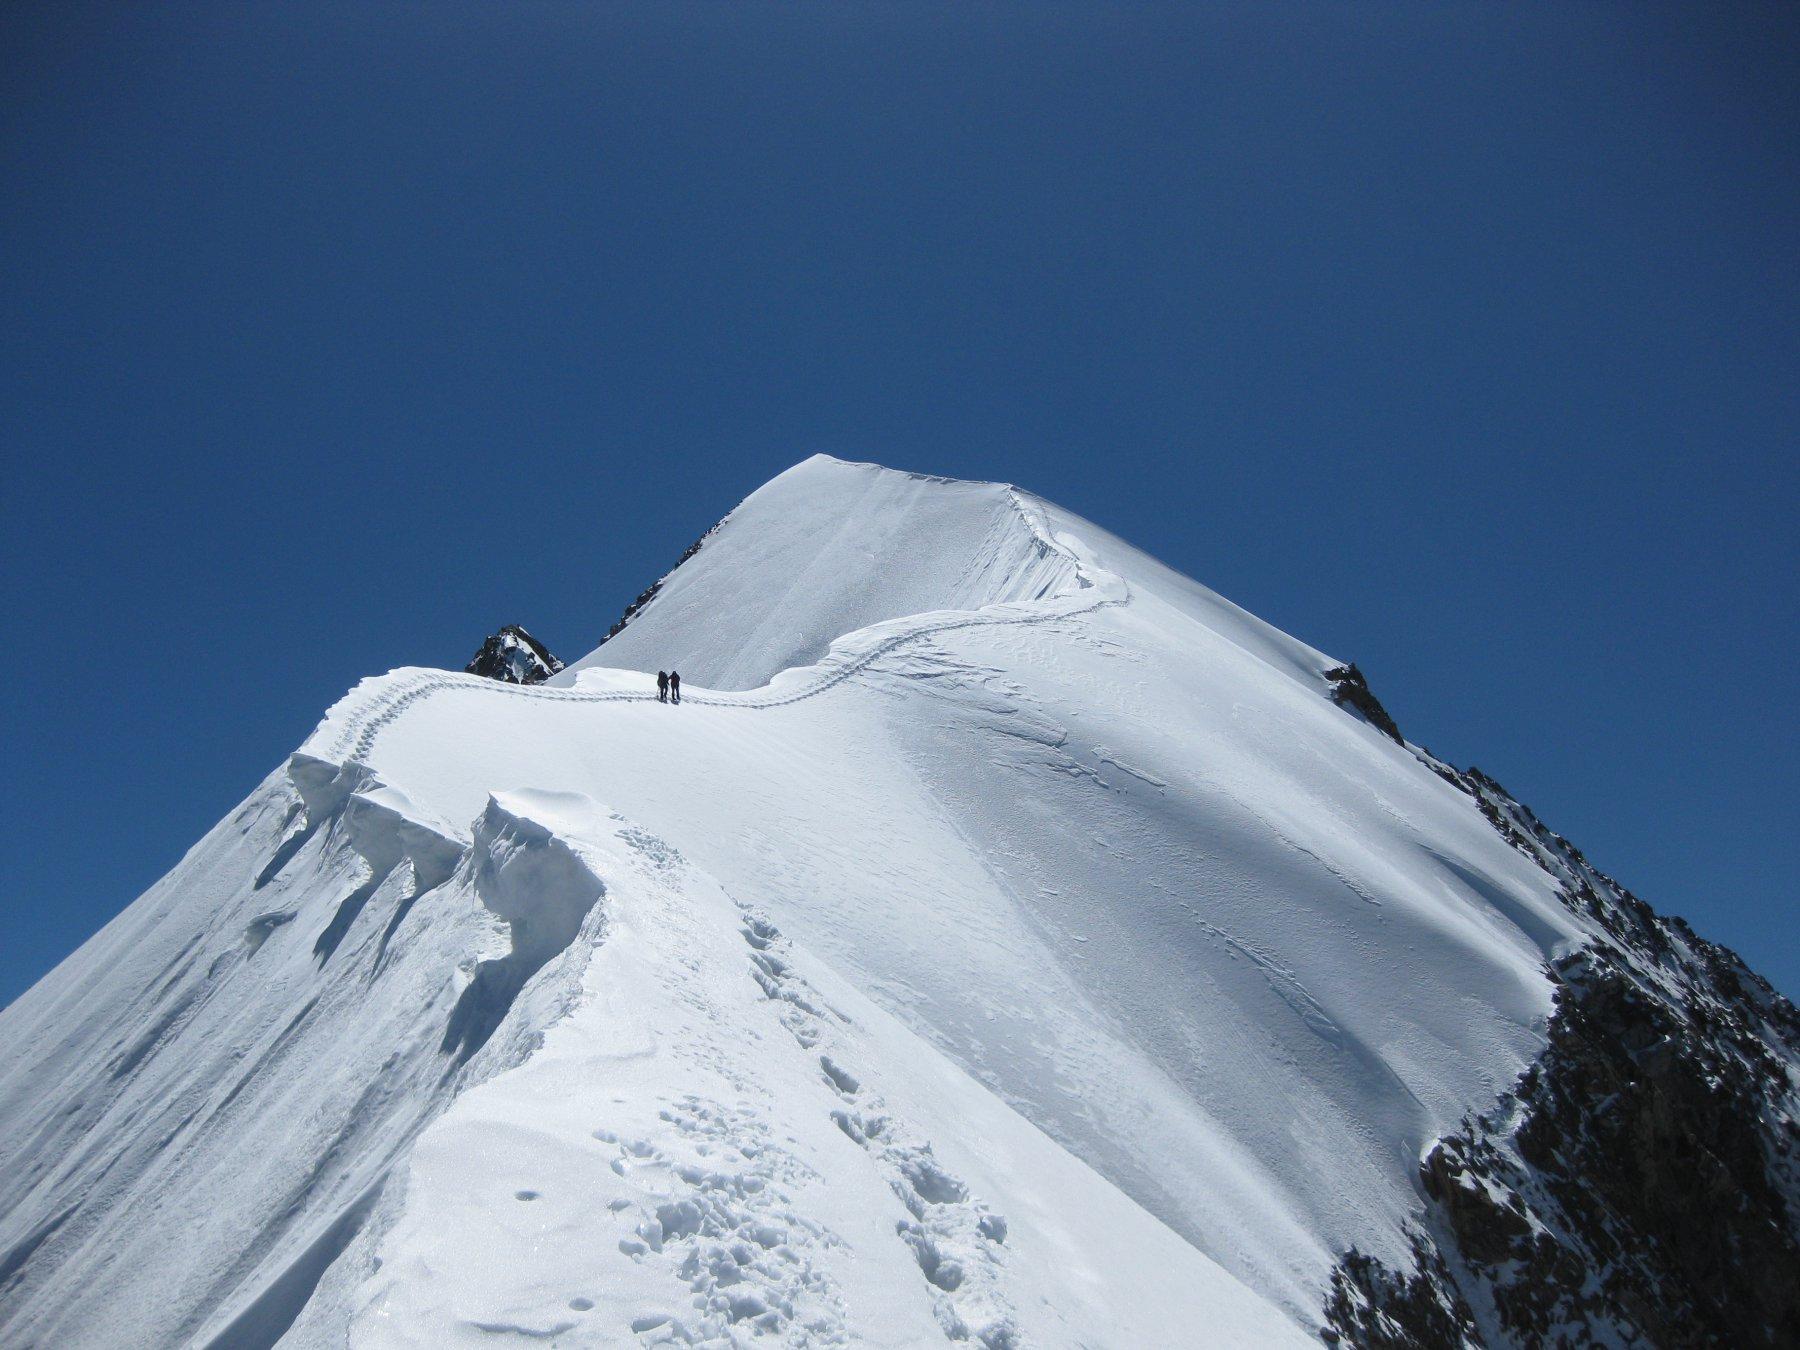 Gianni S. e il figlio Federico, sulla cresta più famosa delle Alpi centrali.